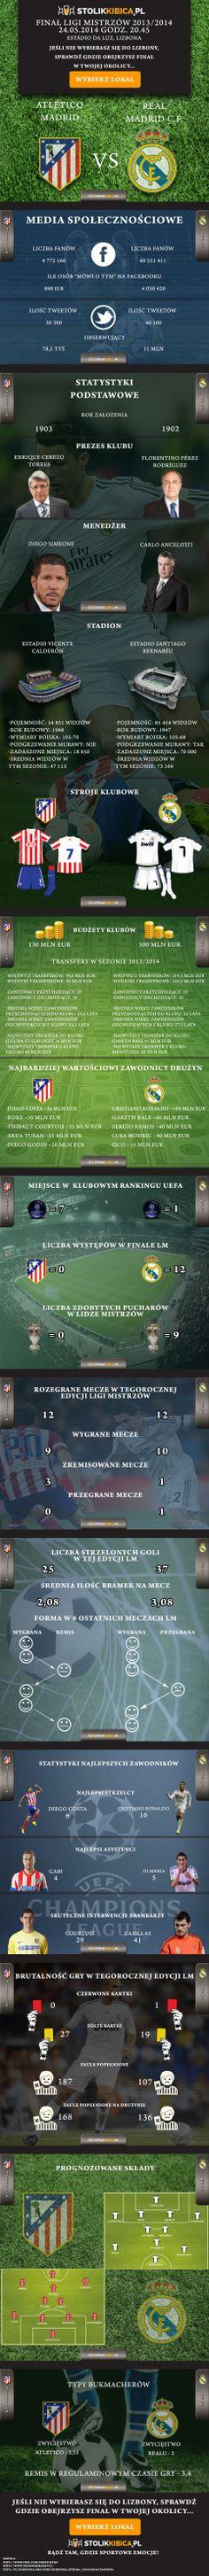 Piłka nożna Liga Mistrzów mecz finałowy sezonu 2013/2014 Real Madryt - Atletico Madryt